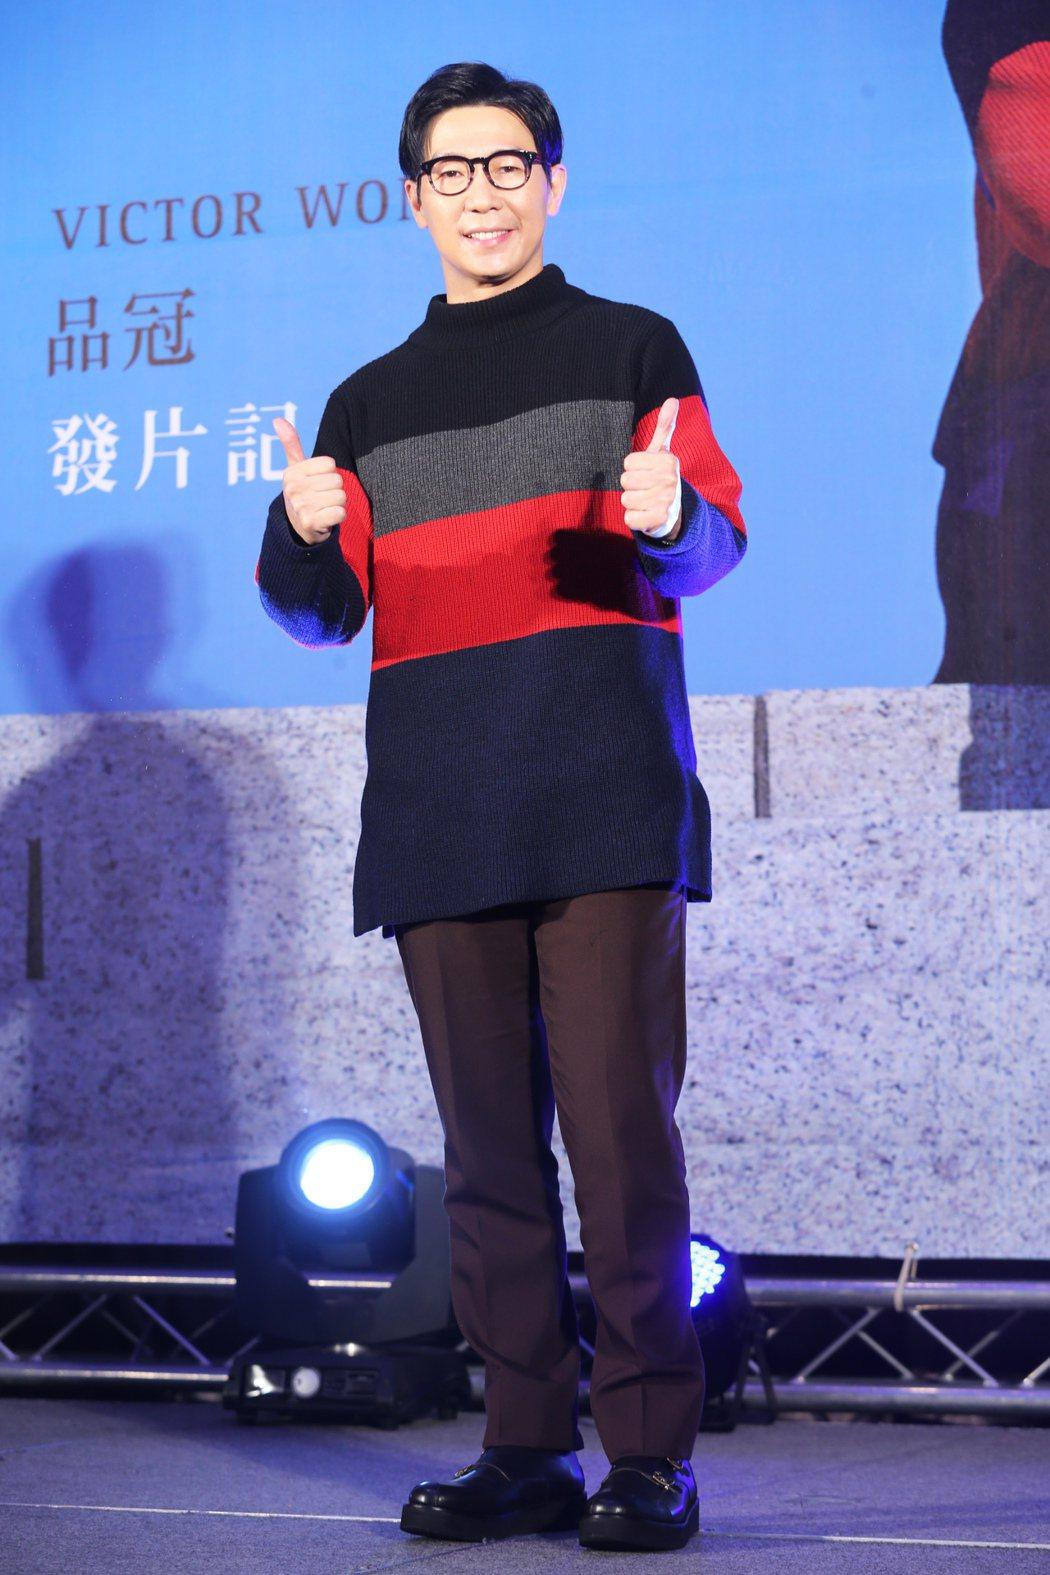 品冠在台北舉行《言外之意》新專輯發片記者會。記者徐兆玄/攝影